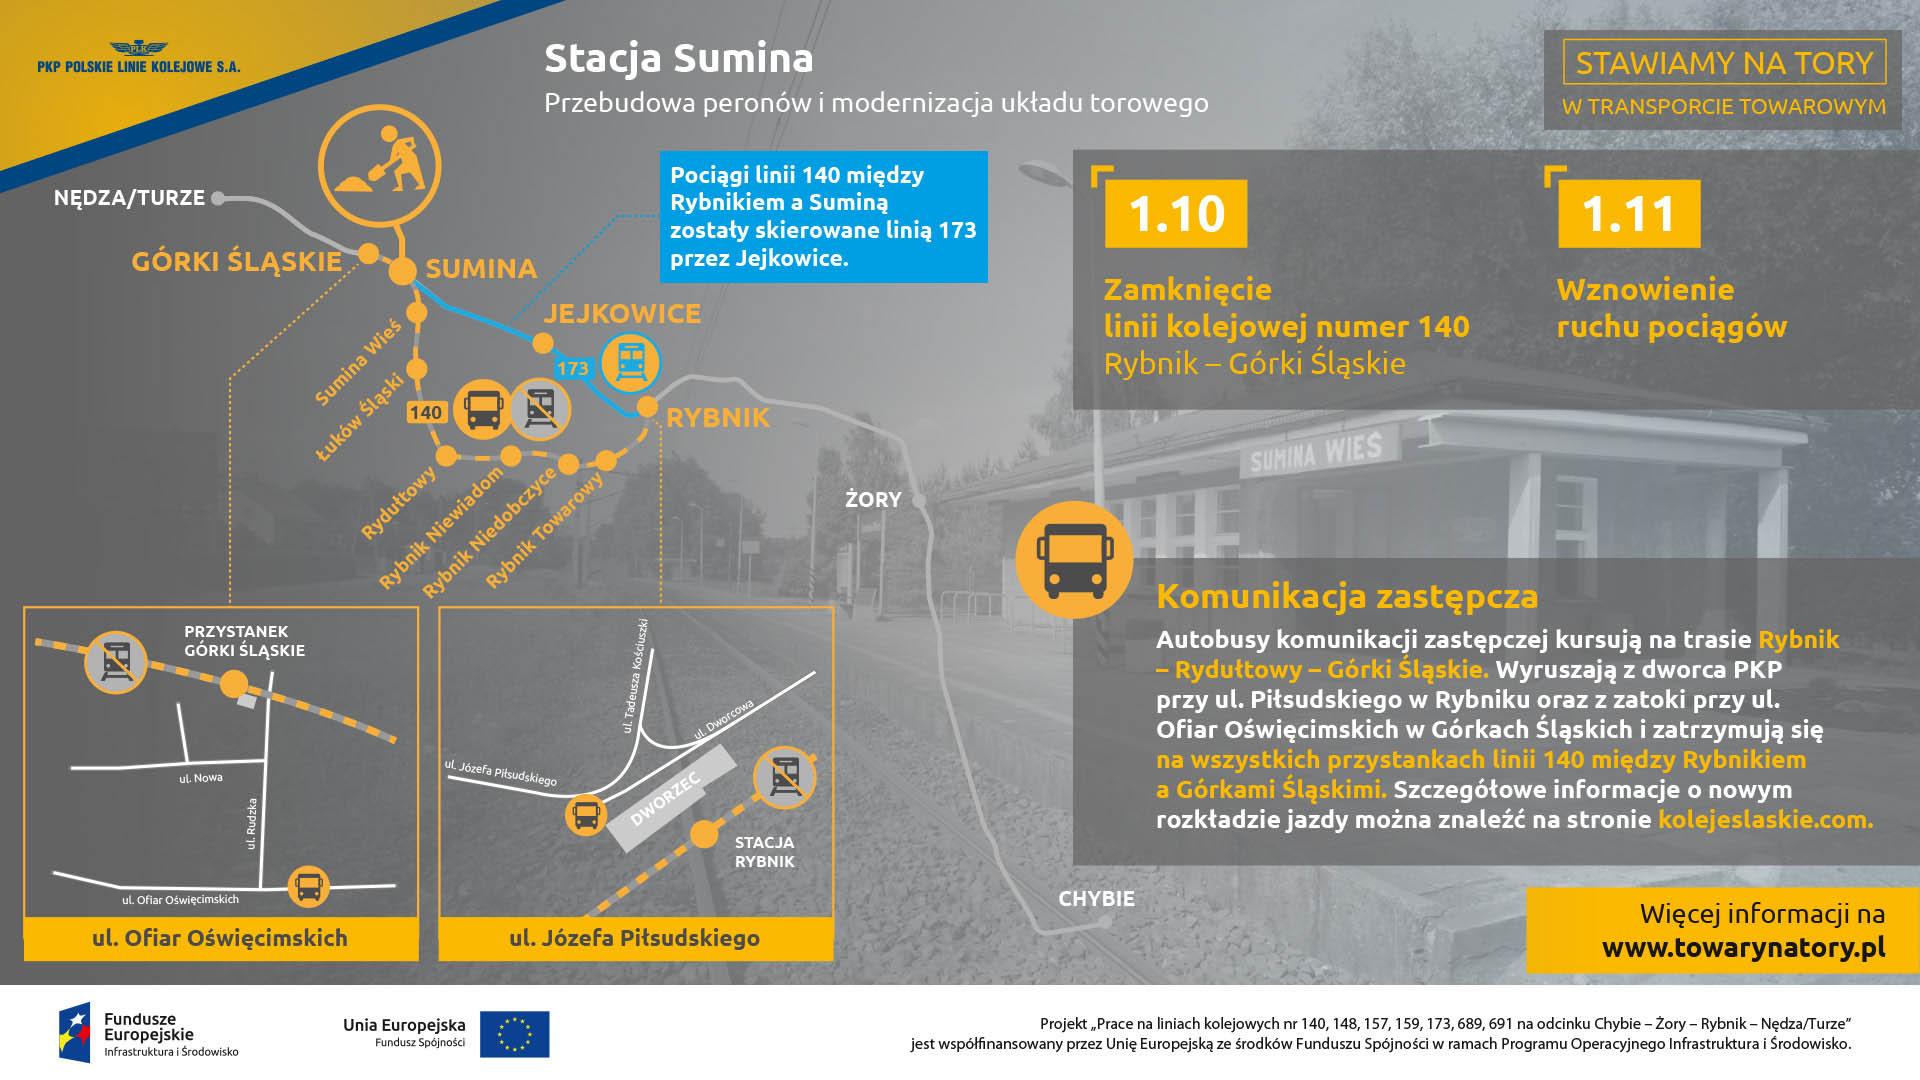 Infografika mówi o zastępczej komunikacji autobusowej w październiku dwa tysiące osiemnastego roku. Dotyczy ona stacji: Górki Śląskie, Sumina, Jejkowice i Rybnik.